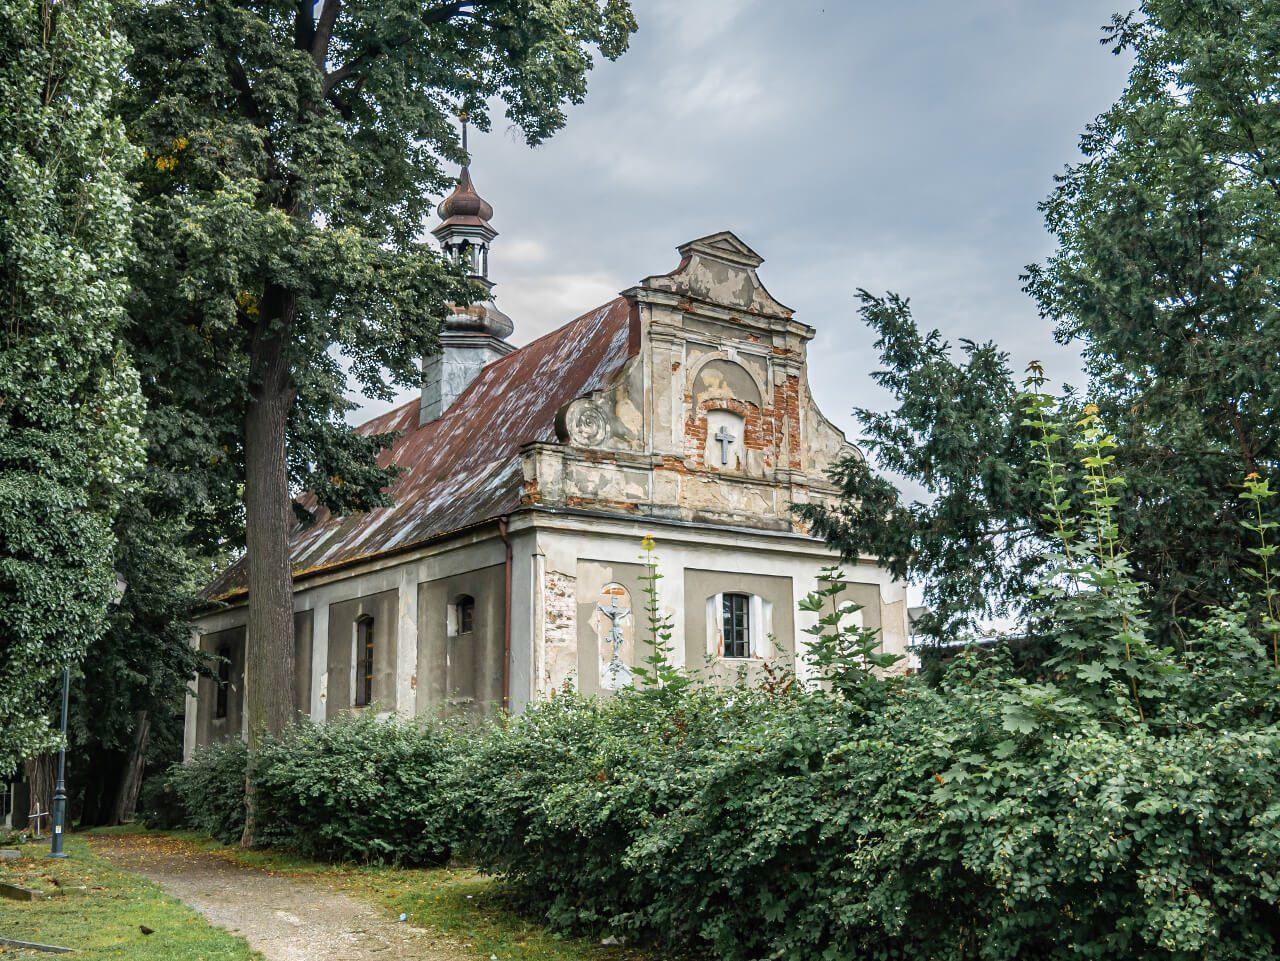 Kościół cmentarz Ząbkowice Śląskie atrakcje